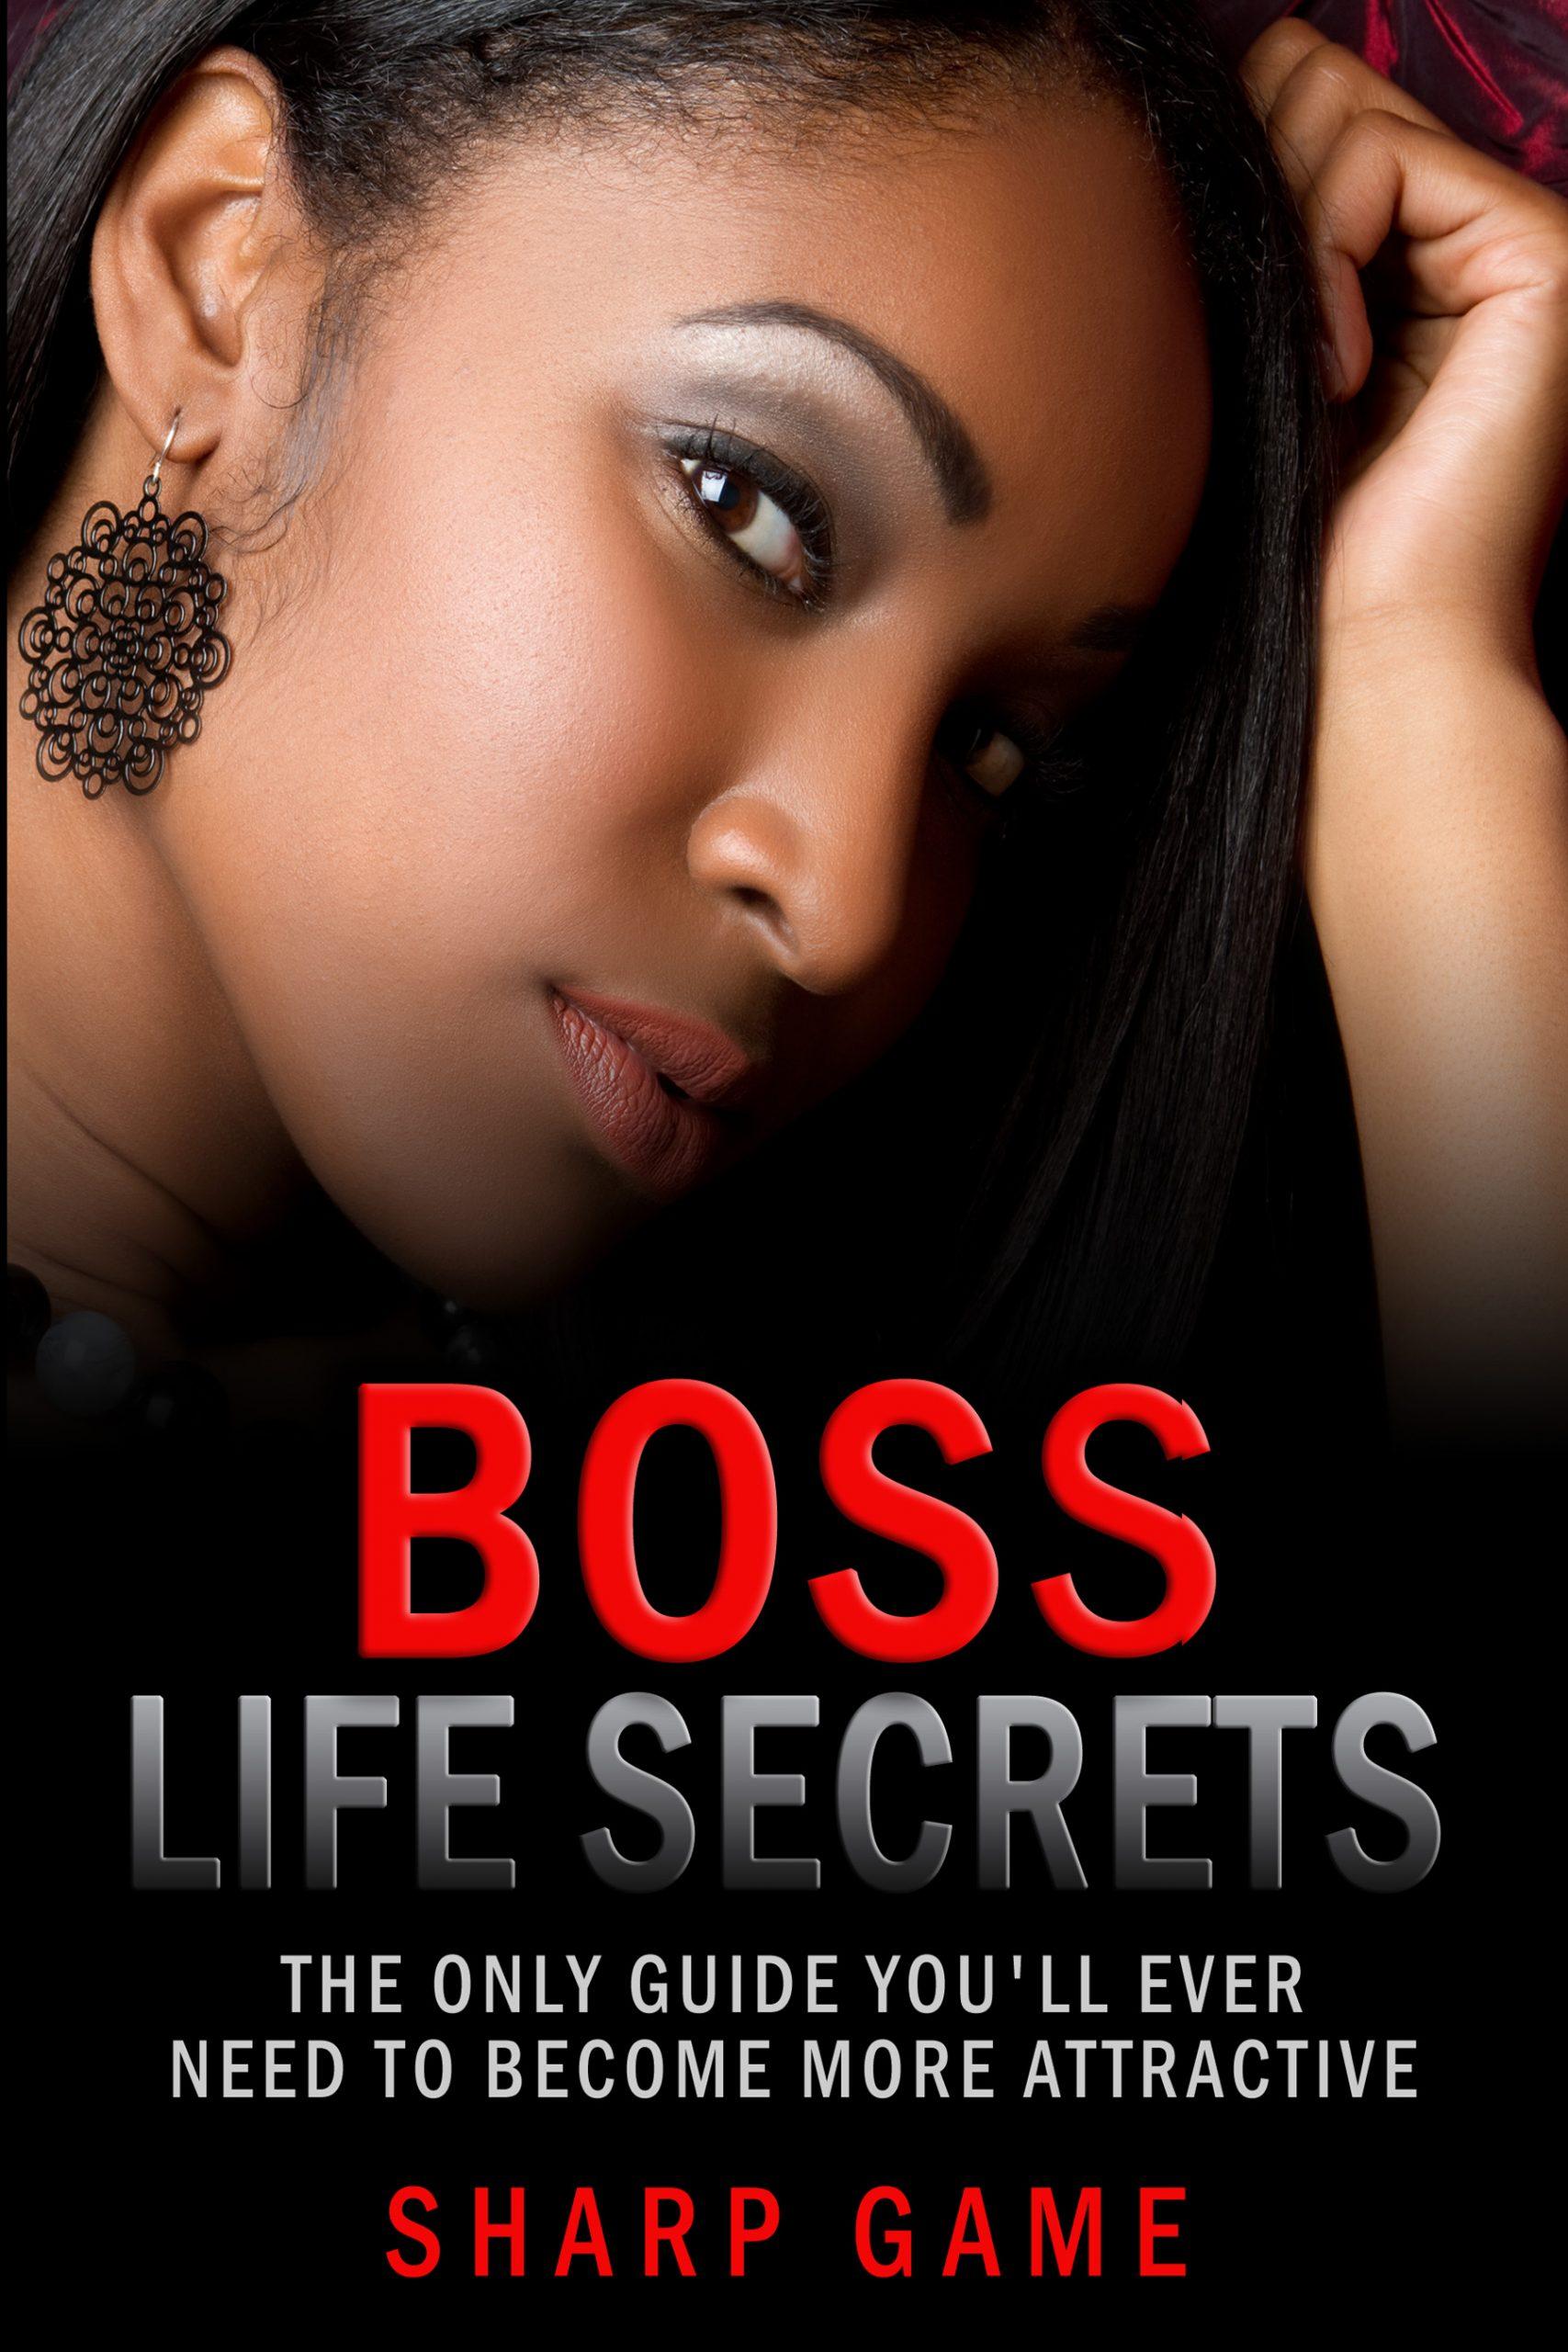 Boss life secrets